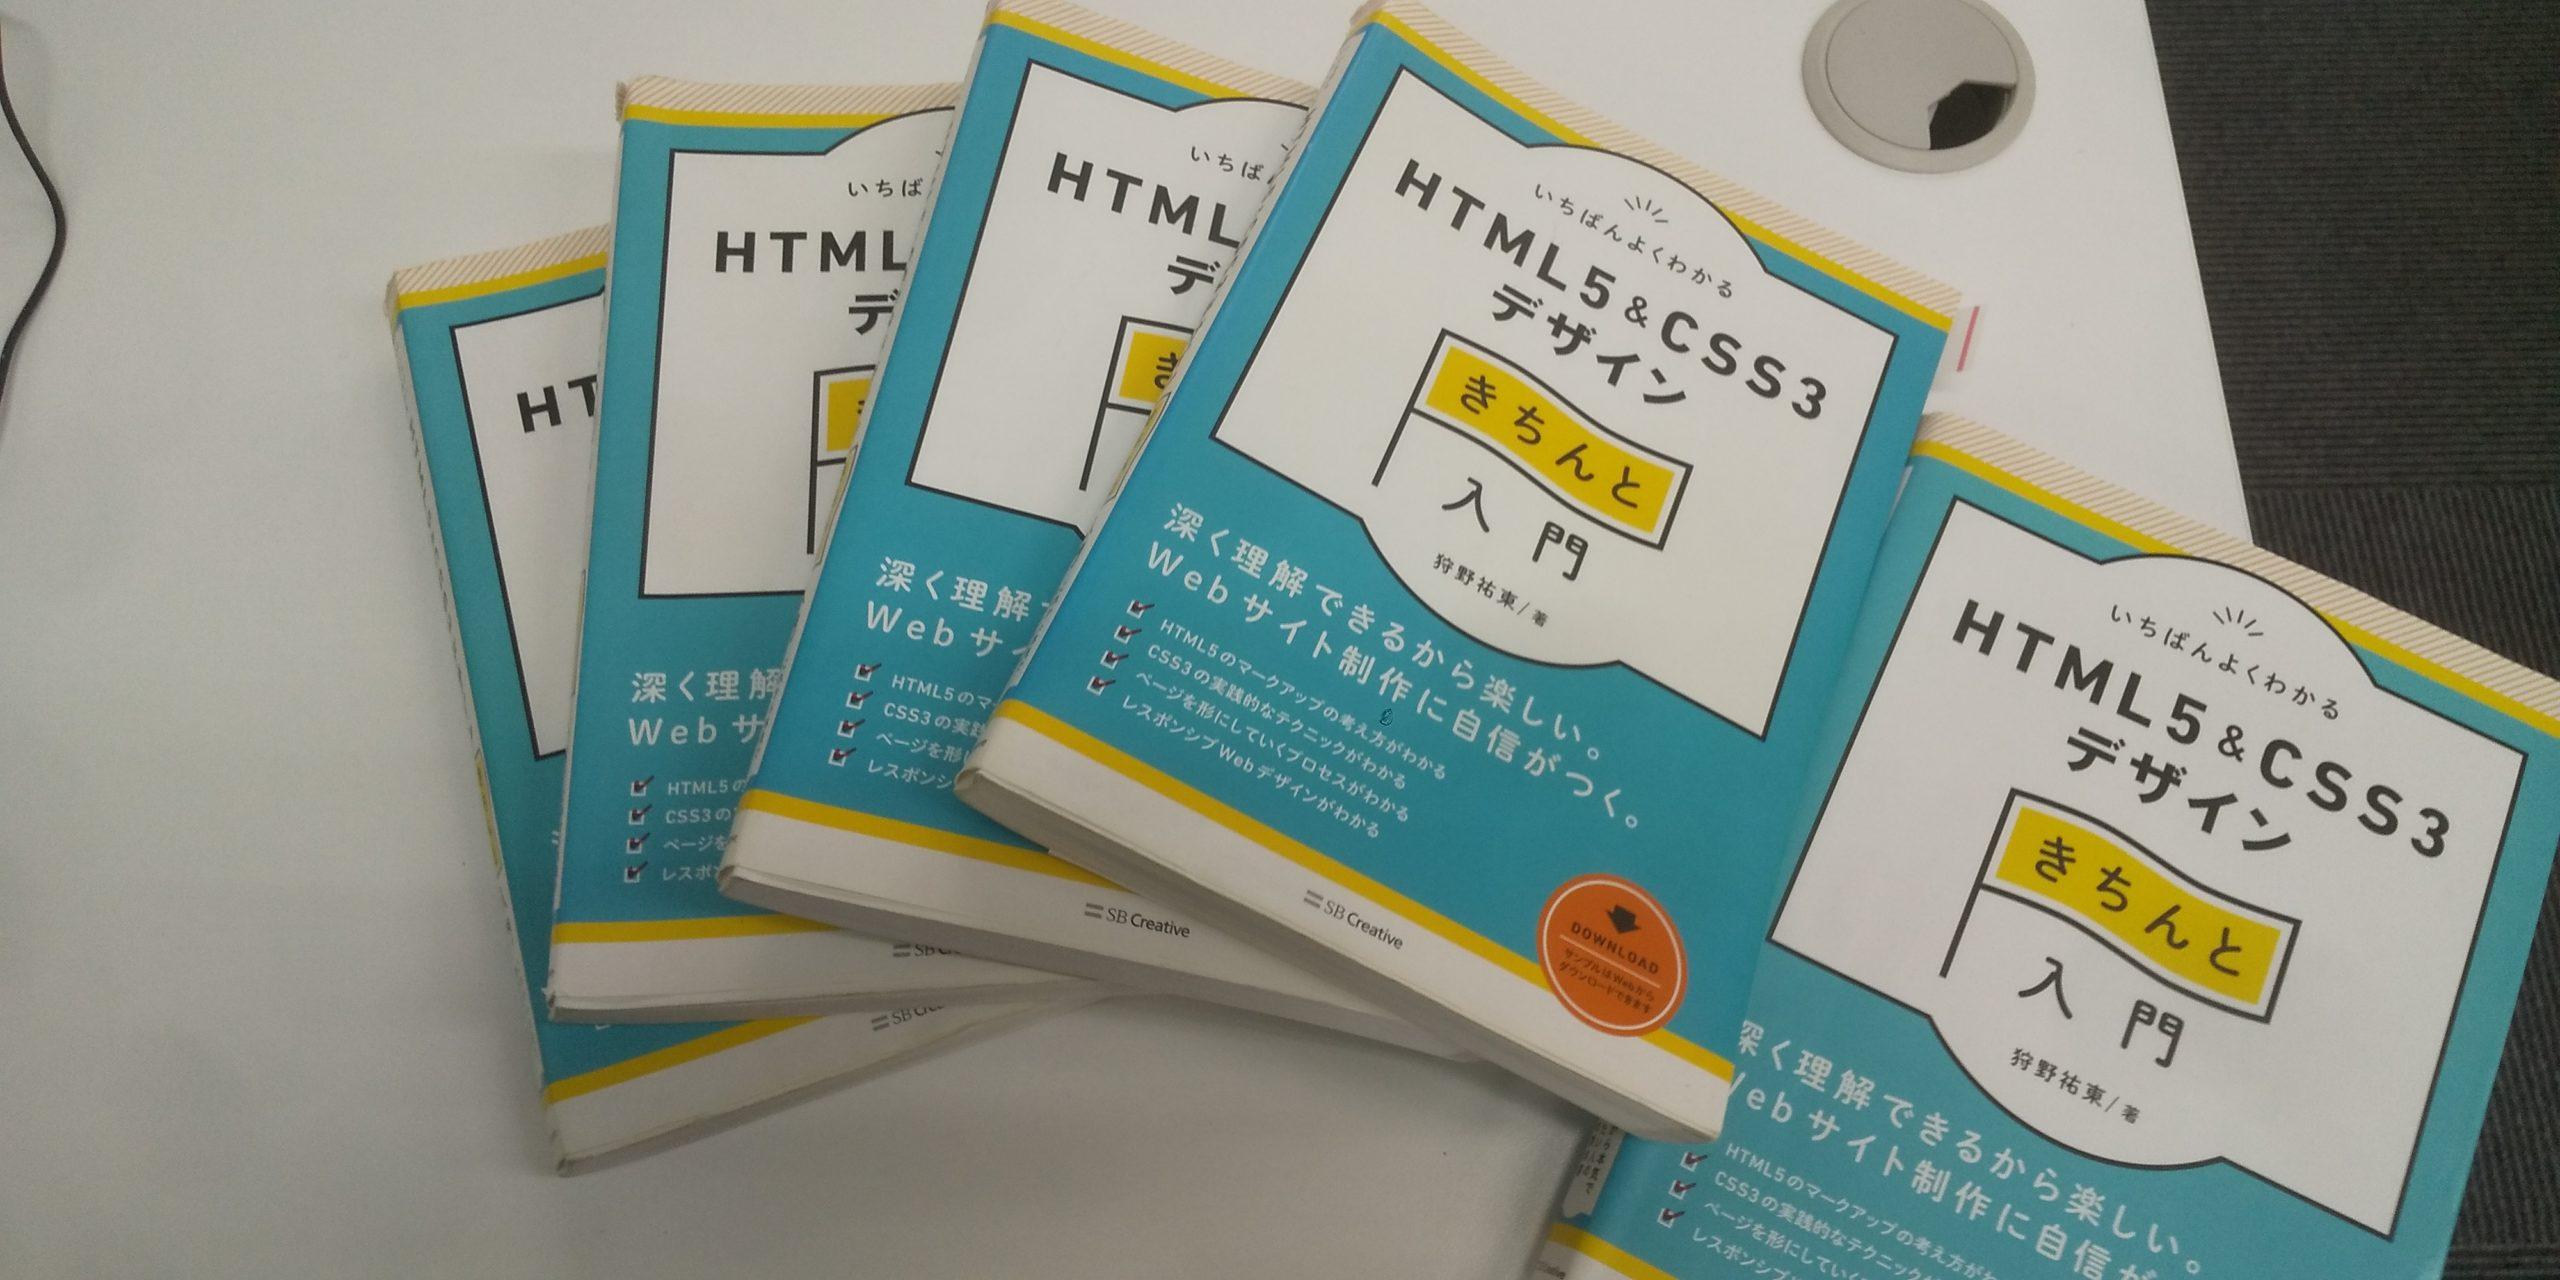 HTML5&CSS3デザインきちんと入門